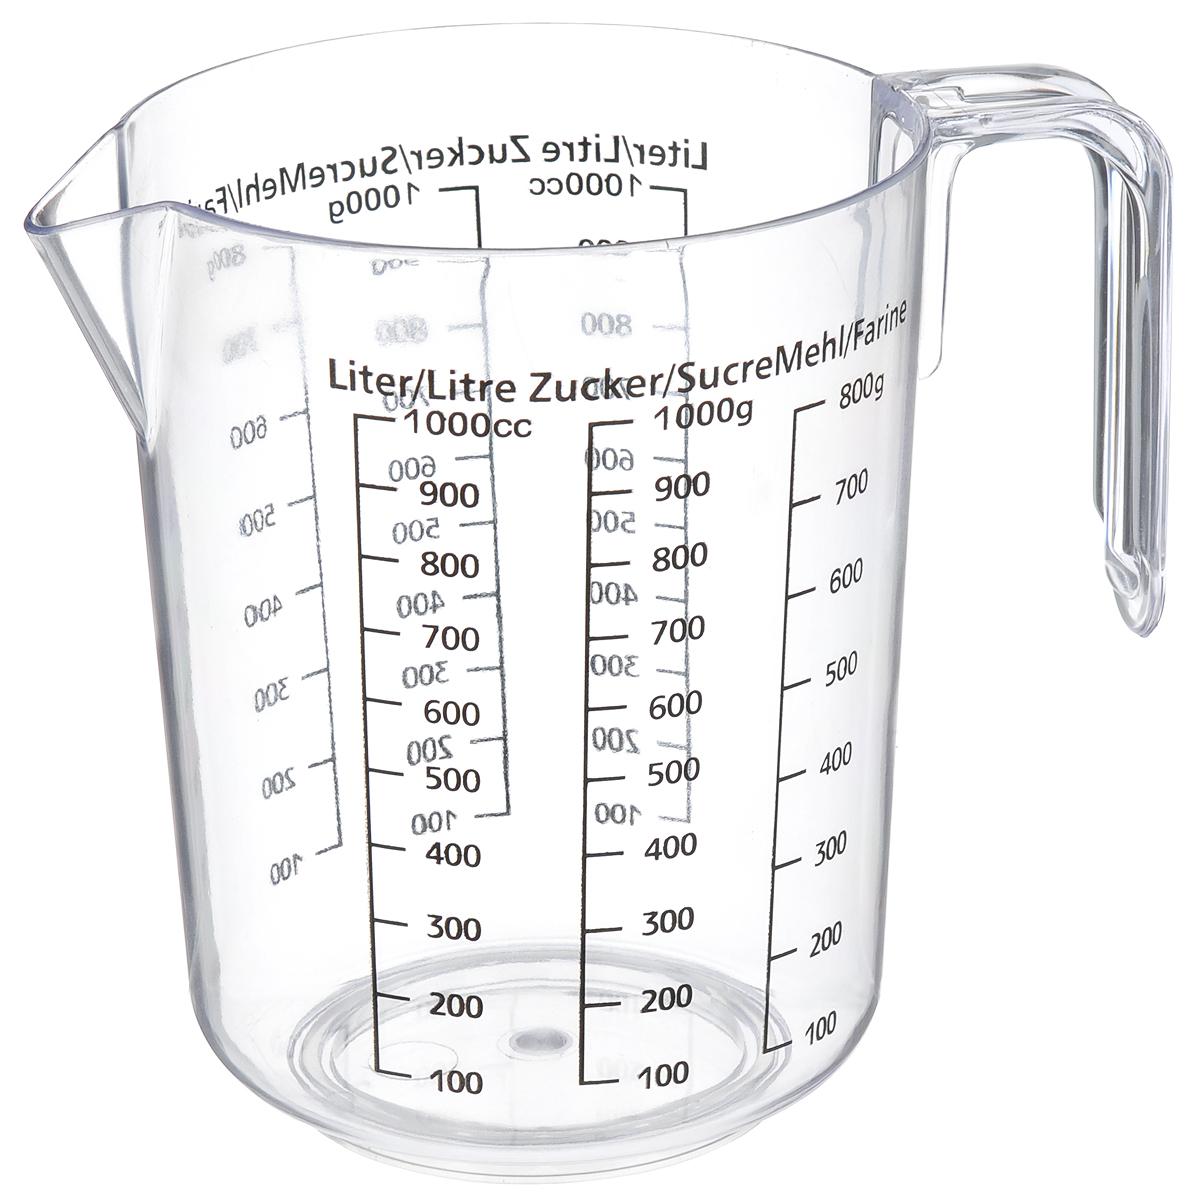 Кувшин мерный Fackelmann, 1 л391602Мерный прозрачный кувшин пригодится на каждой кухне, ведь зачастую приготовление некоторых блюд требует известной точности. Данный кувшин позволяет мерить жидкости до 1 литра, сахар и разные сыпучие продукты. Кувшин можно использовать как чашу для взбивания продуктов.Можно использовать в посудомоечной машине. Объем кувшина: 1 л.Высота кувшина: 15 см.Диаметр кувшина (по верхнему краю): 12 см.